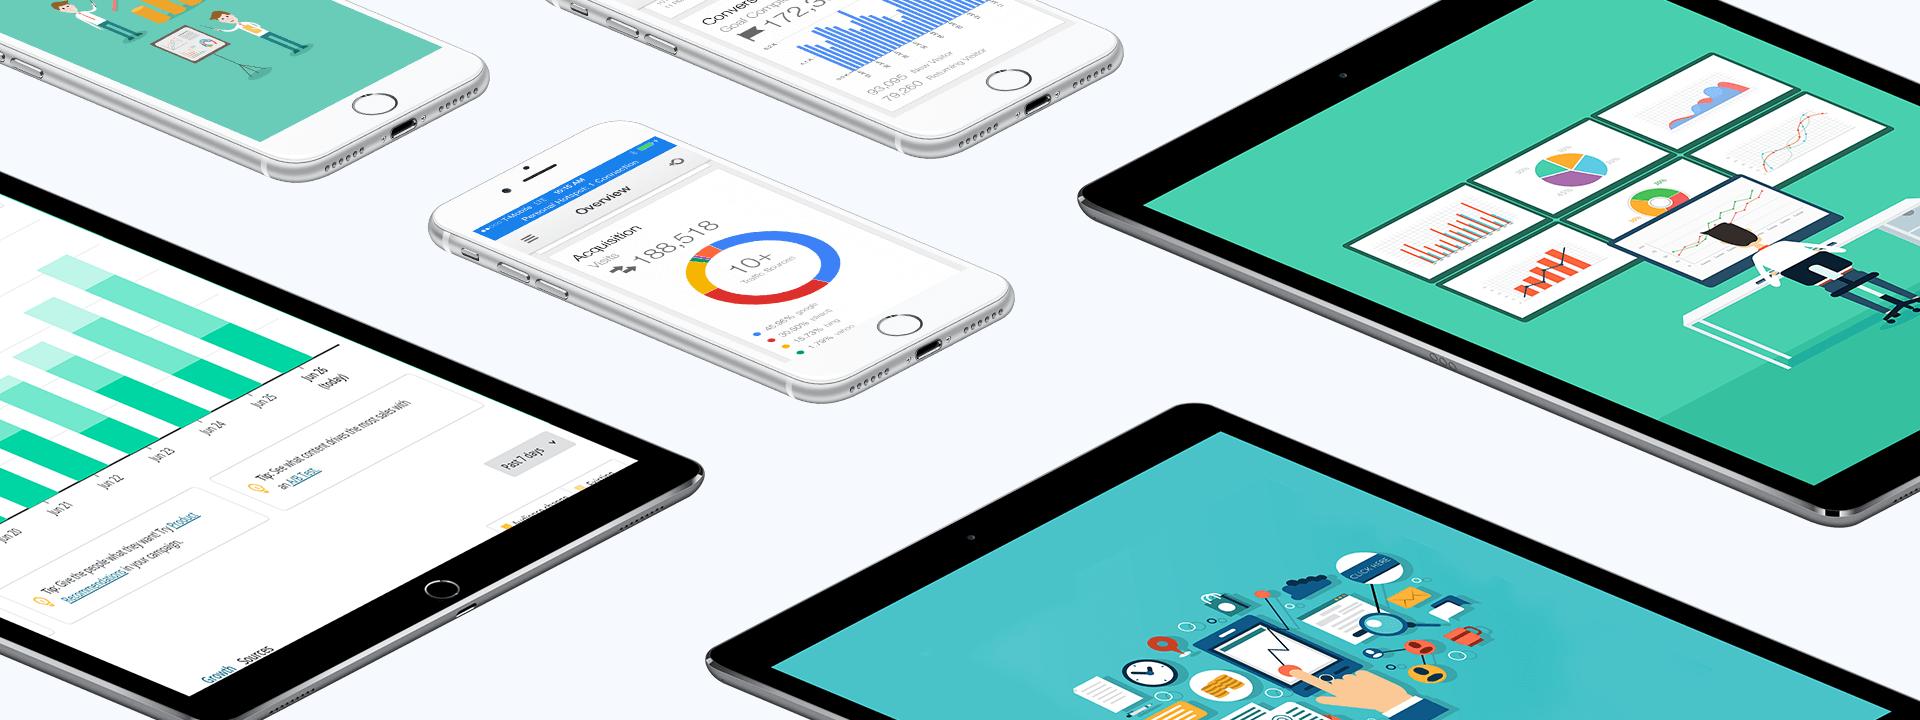 Zoekmachine optimalisatie Breda | Bij RB-Media zorgen we ervoor dat jij online succes behaald doormiddel van het optimaliseren van de resultaten in Google!